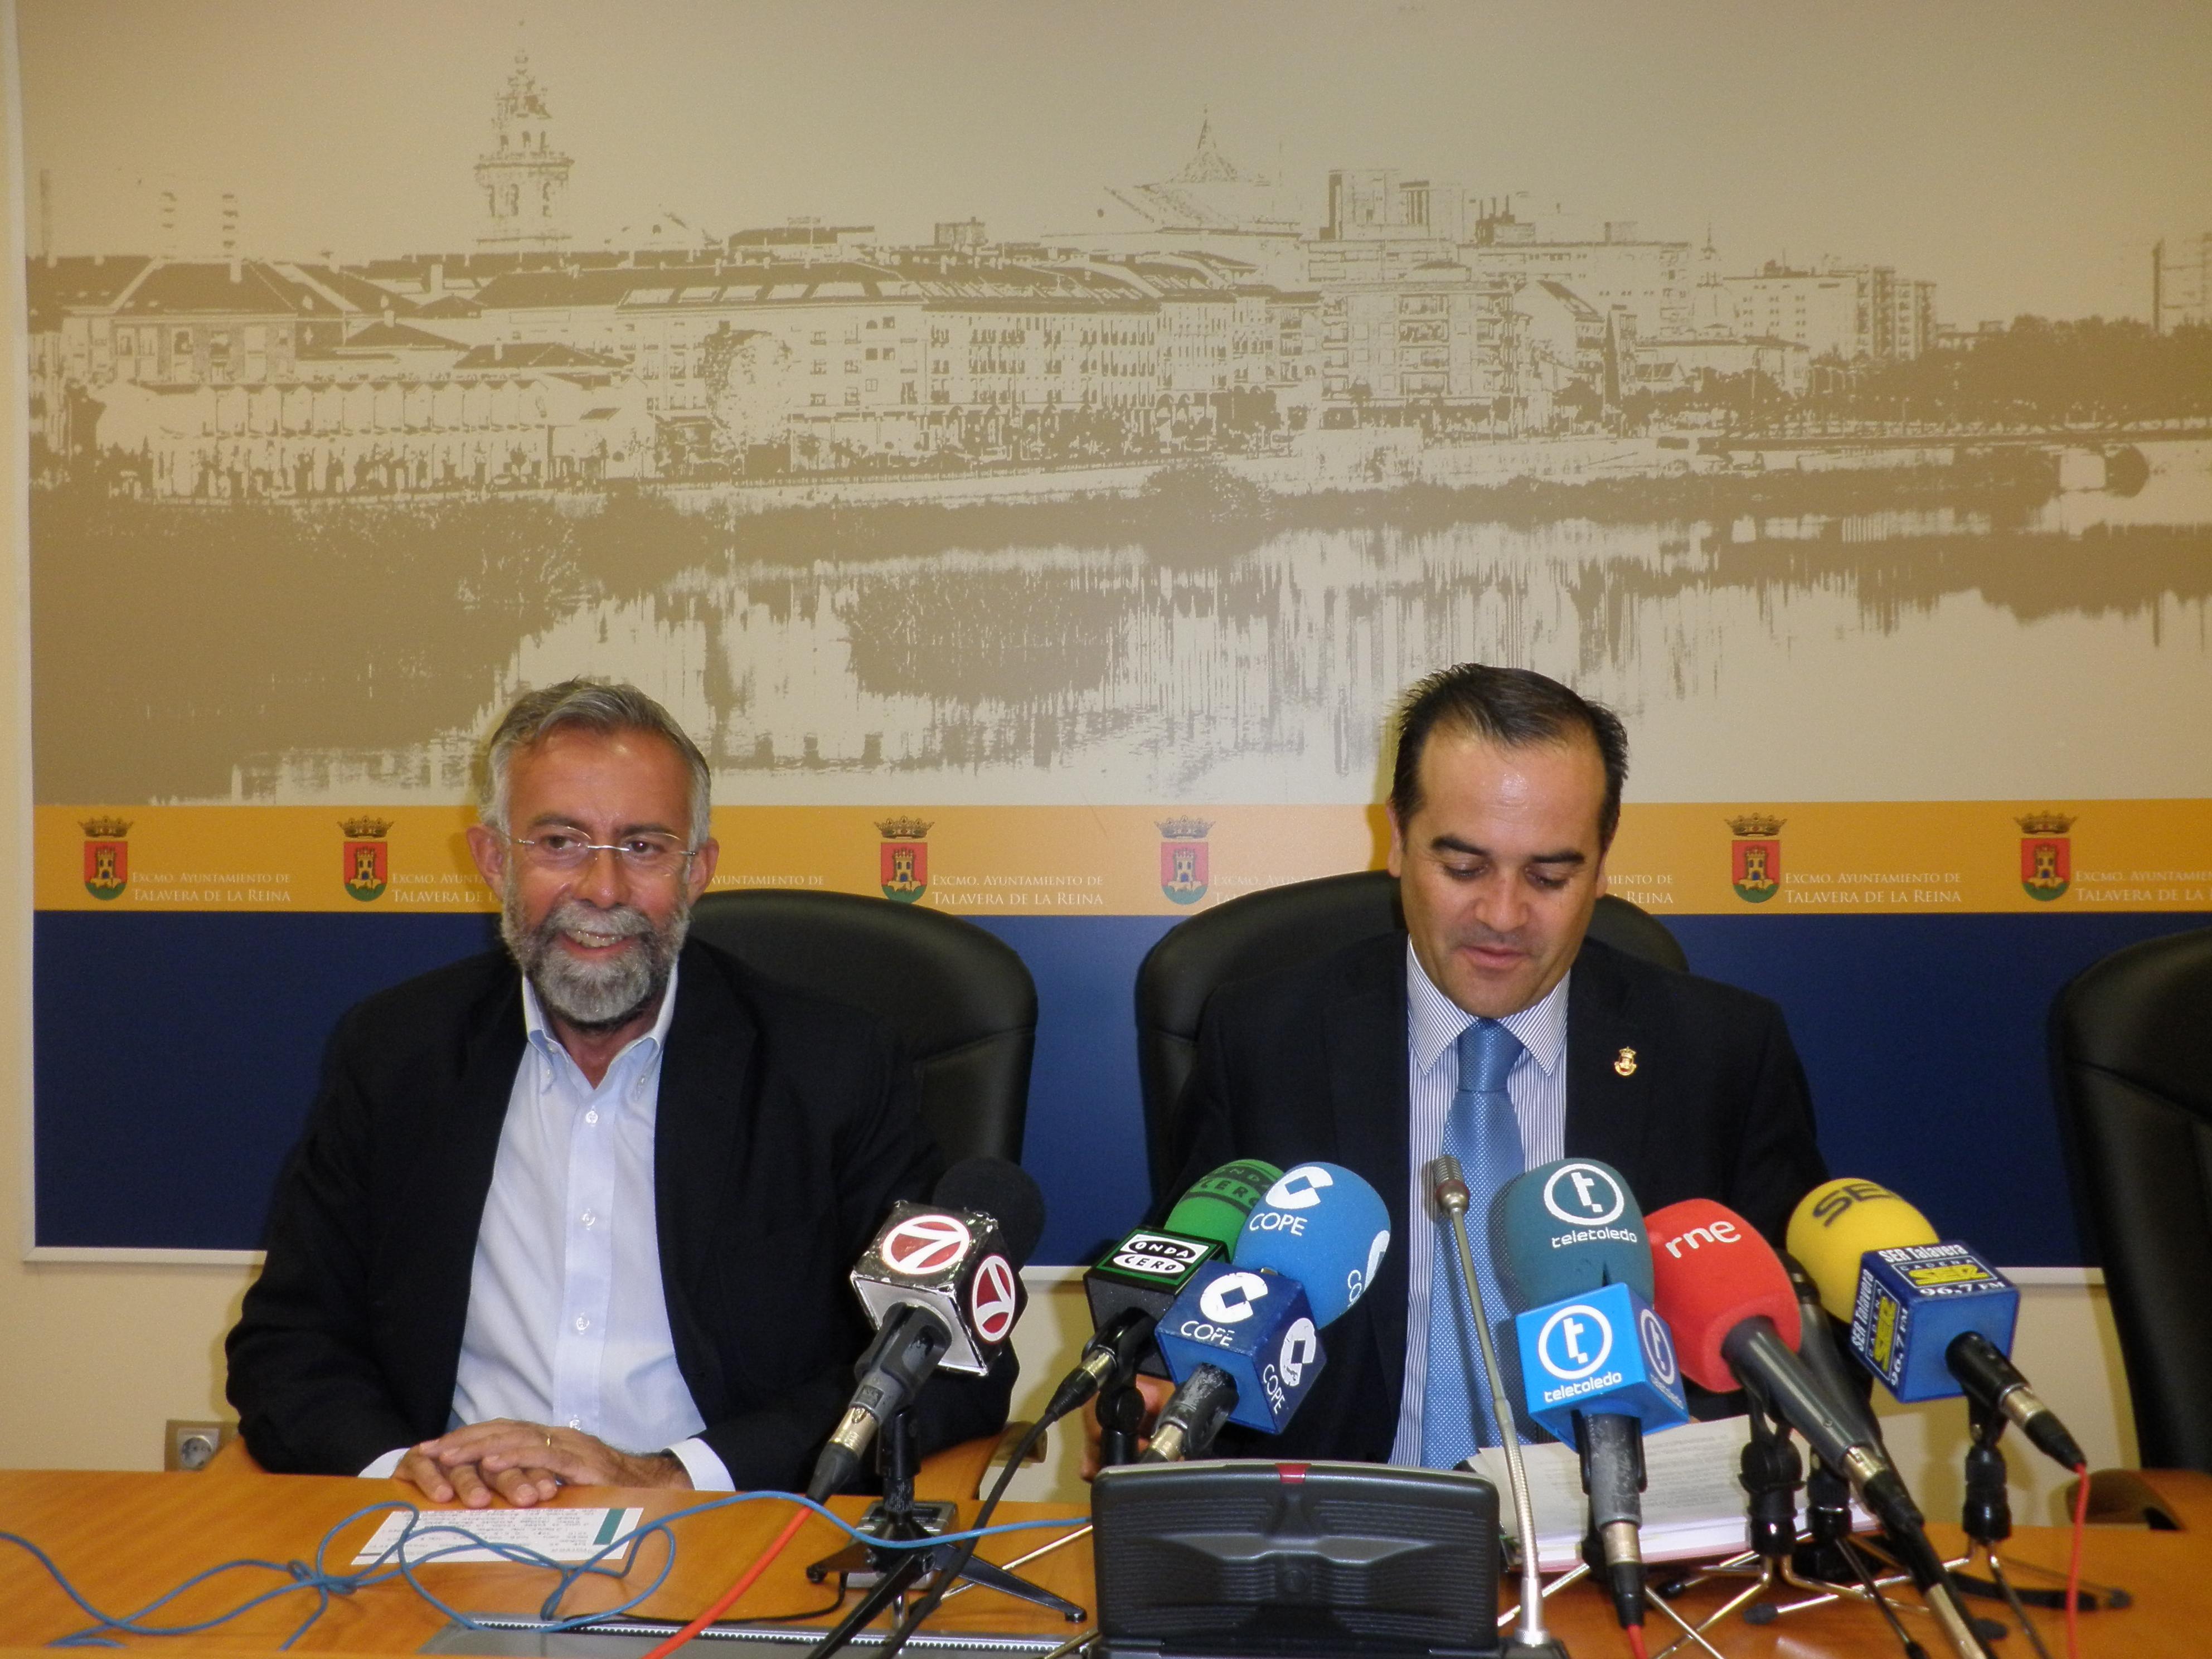 El Ayuntamiento reitera su compromiso en la defensa de la llegada del AVE y la creación del nodo logístico